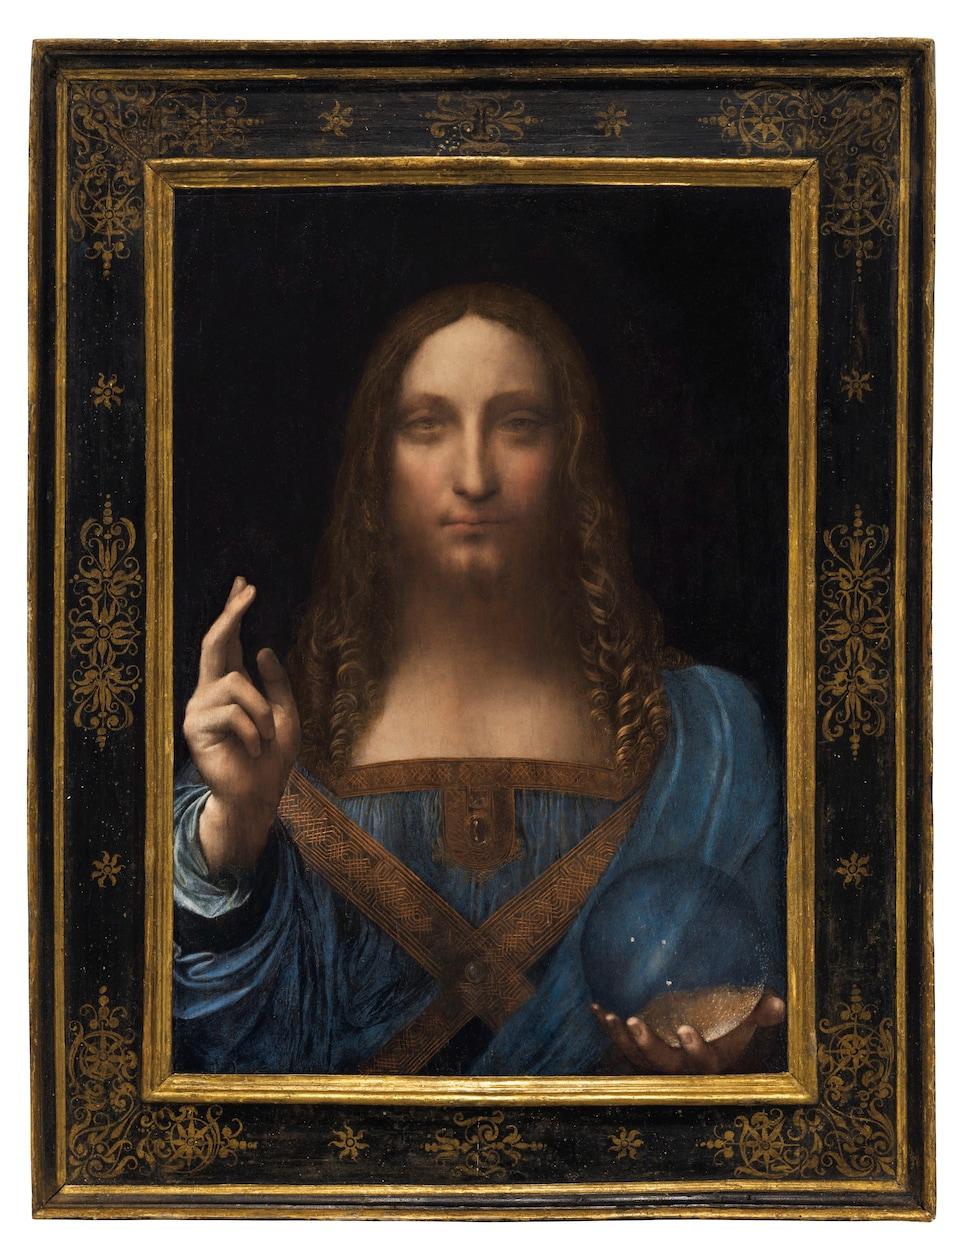 Le tableau «Salvator Mundi», un portrait de Jésus de Léonard de Vinci